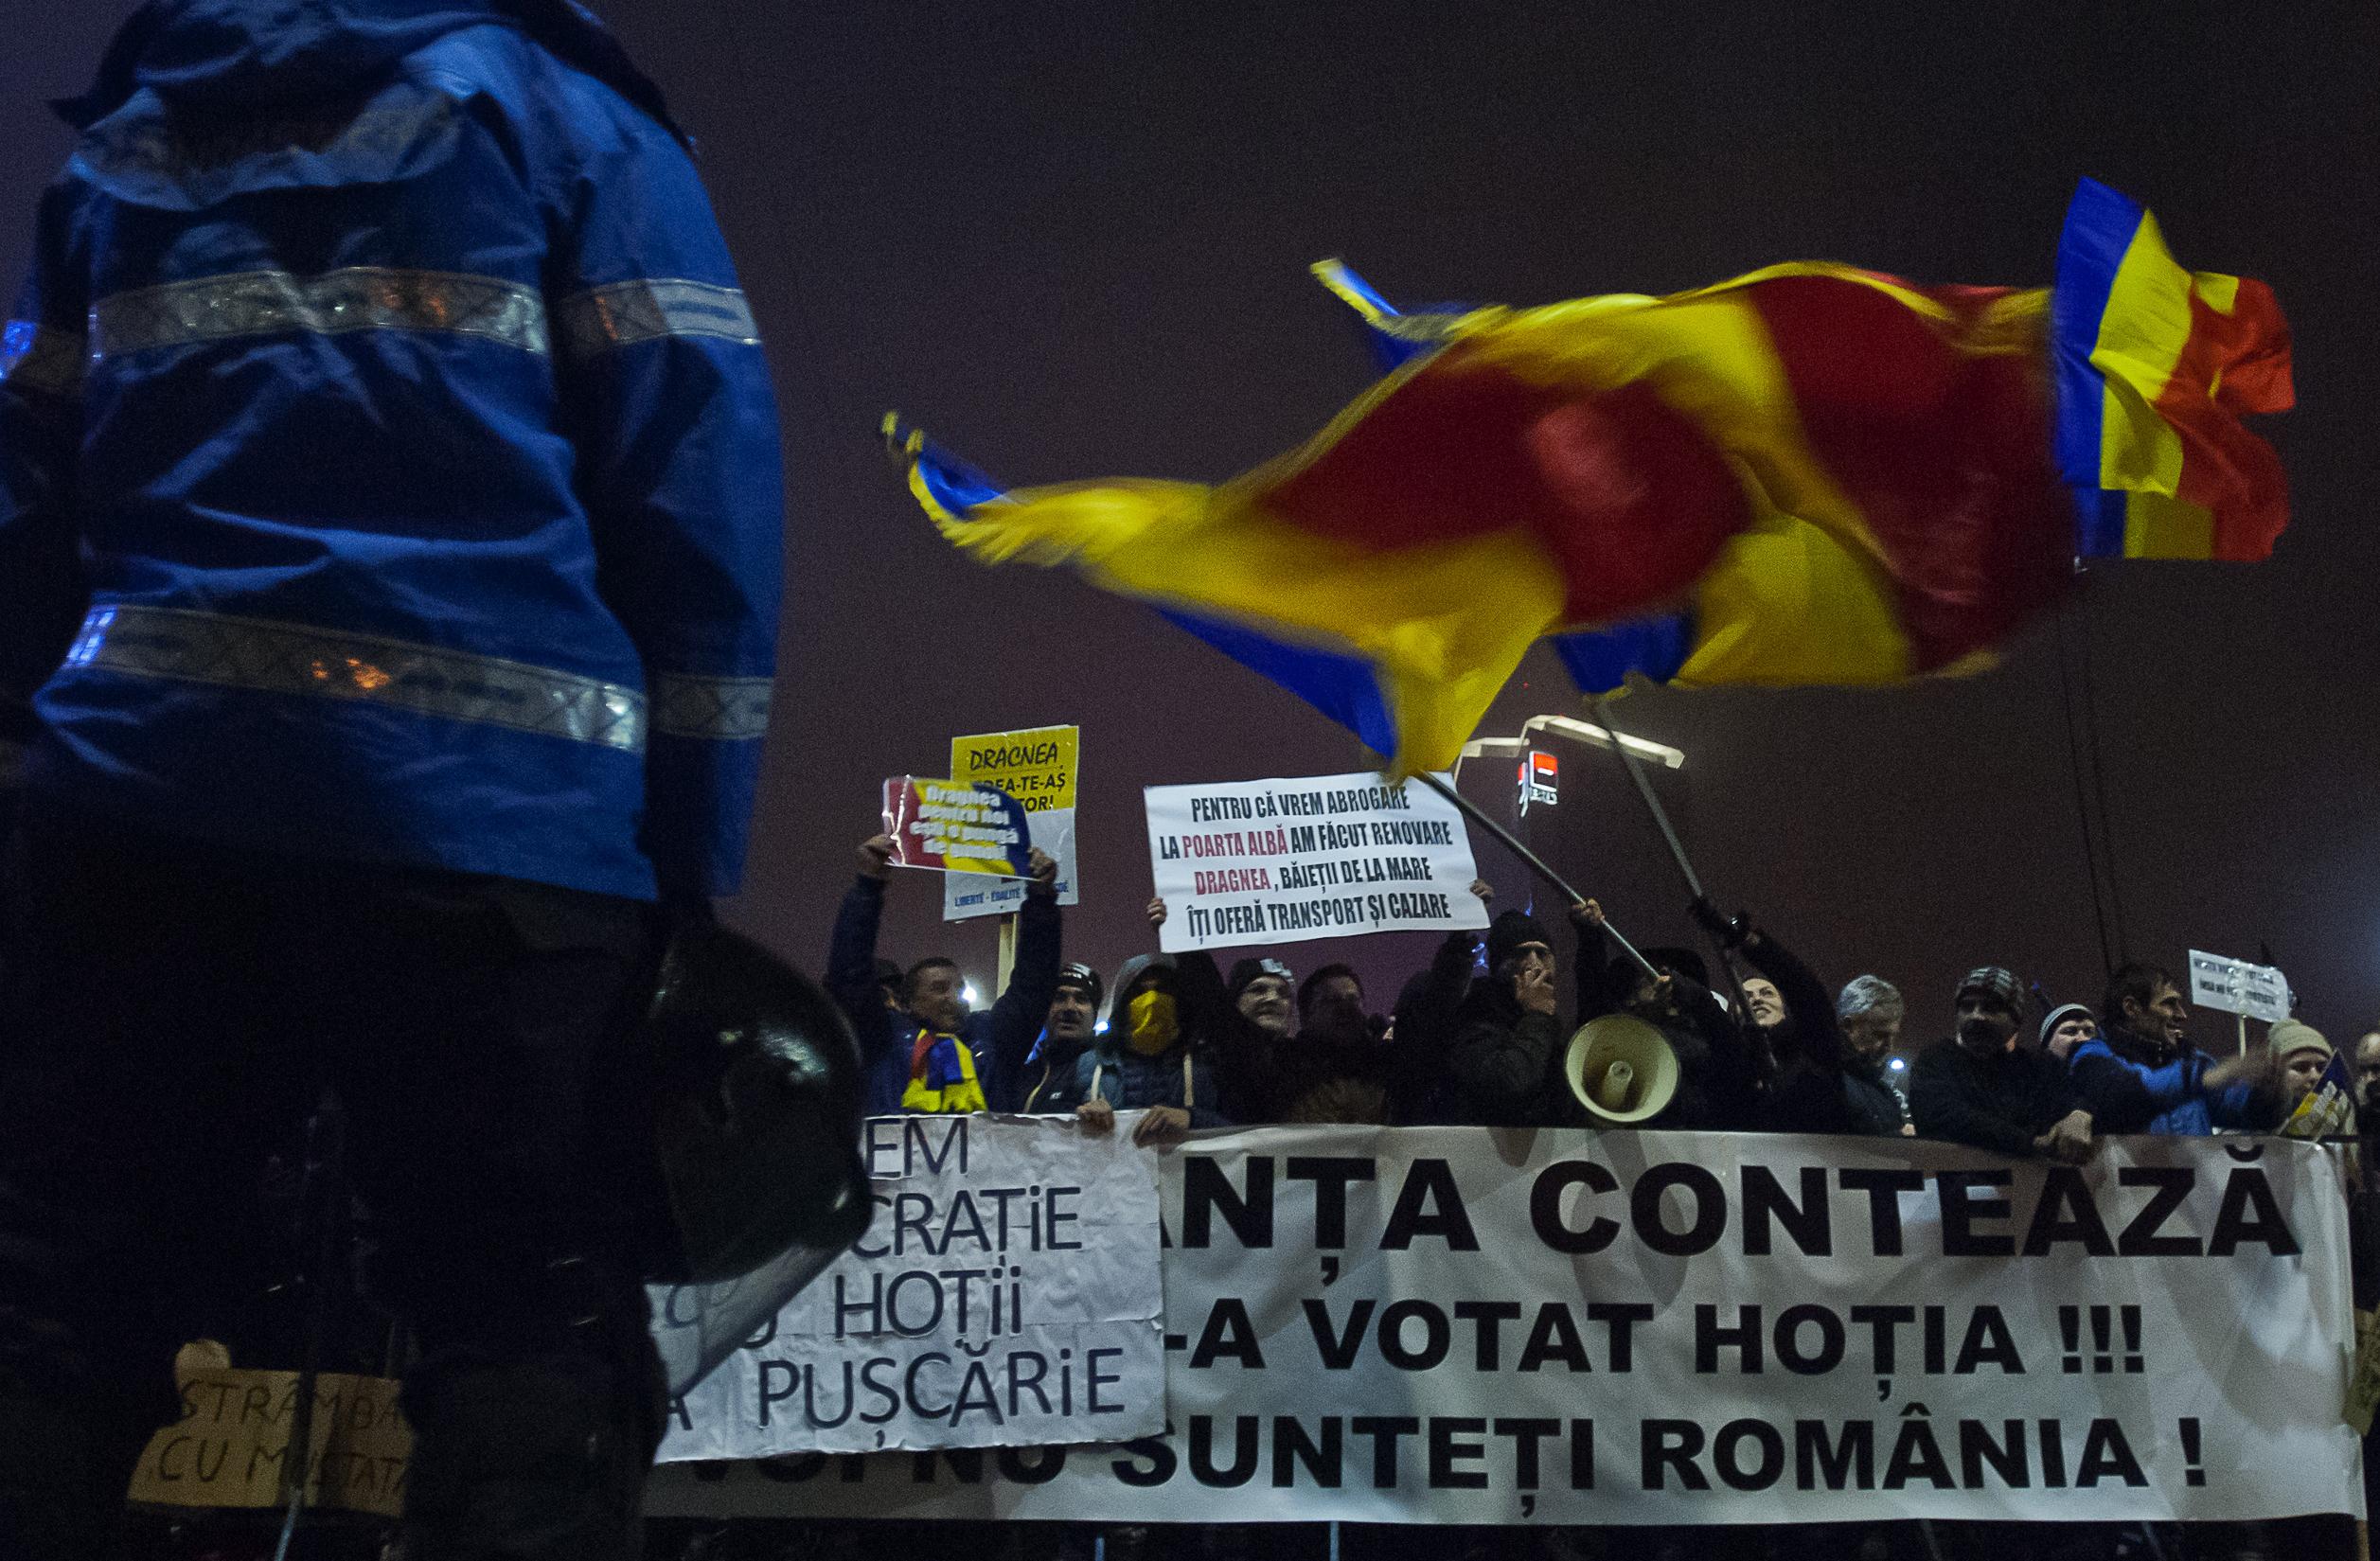 PROTESTE masive sunt anunţate astăzi în Bucureşti şi în peste 80 de oraşe. Lista COMPLETĂ a manifestaţiilor/ Orban: Membrii şi simpatizanţii PNL se vor afla în stradă